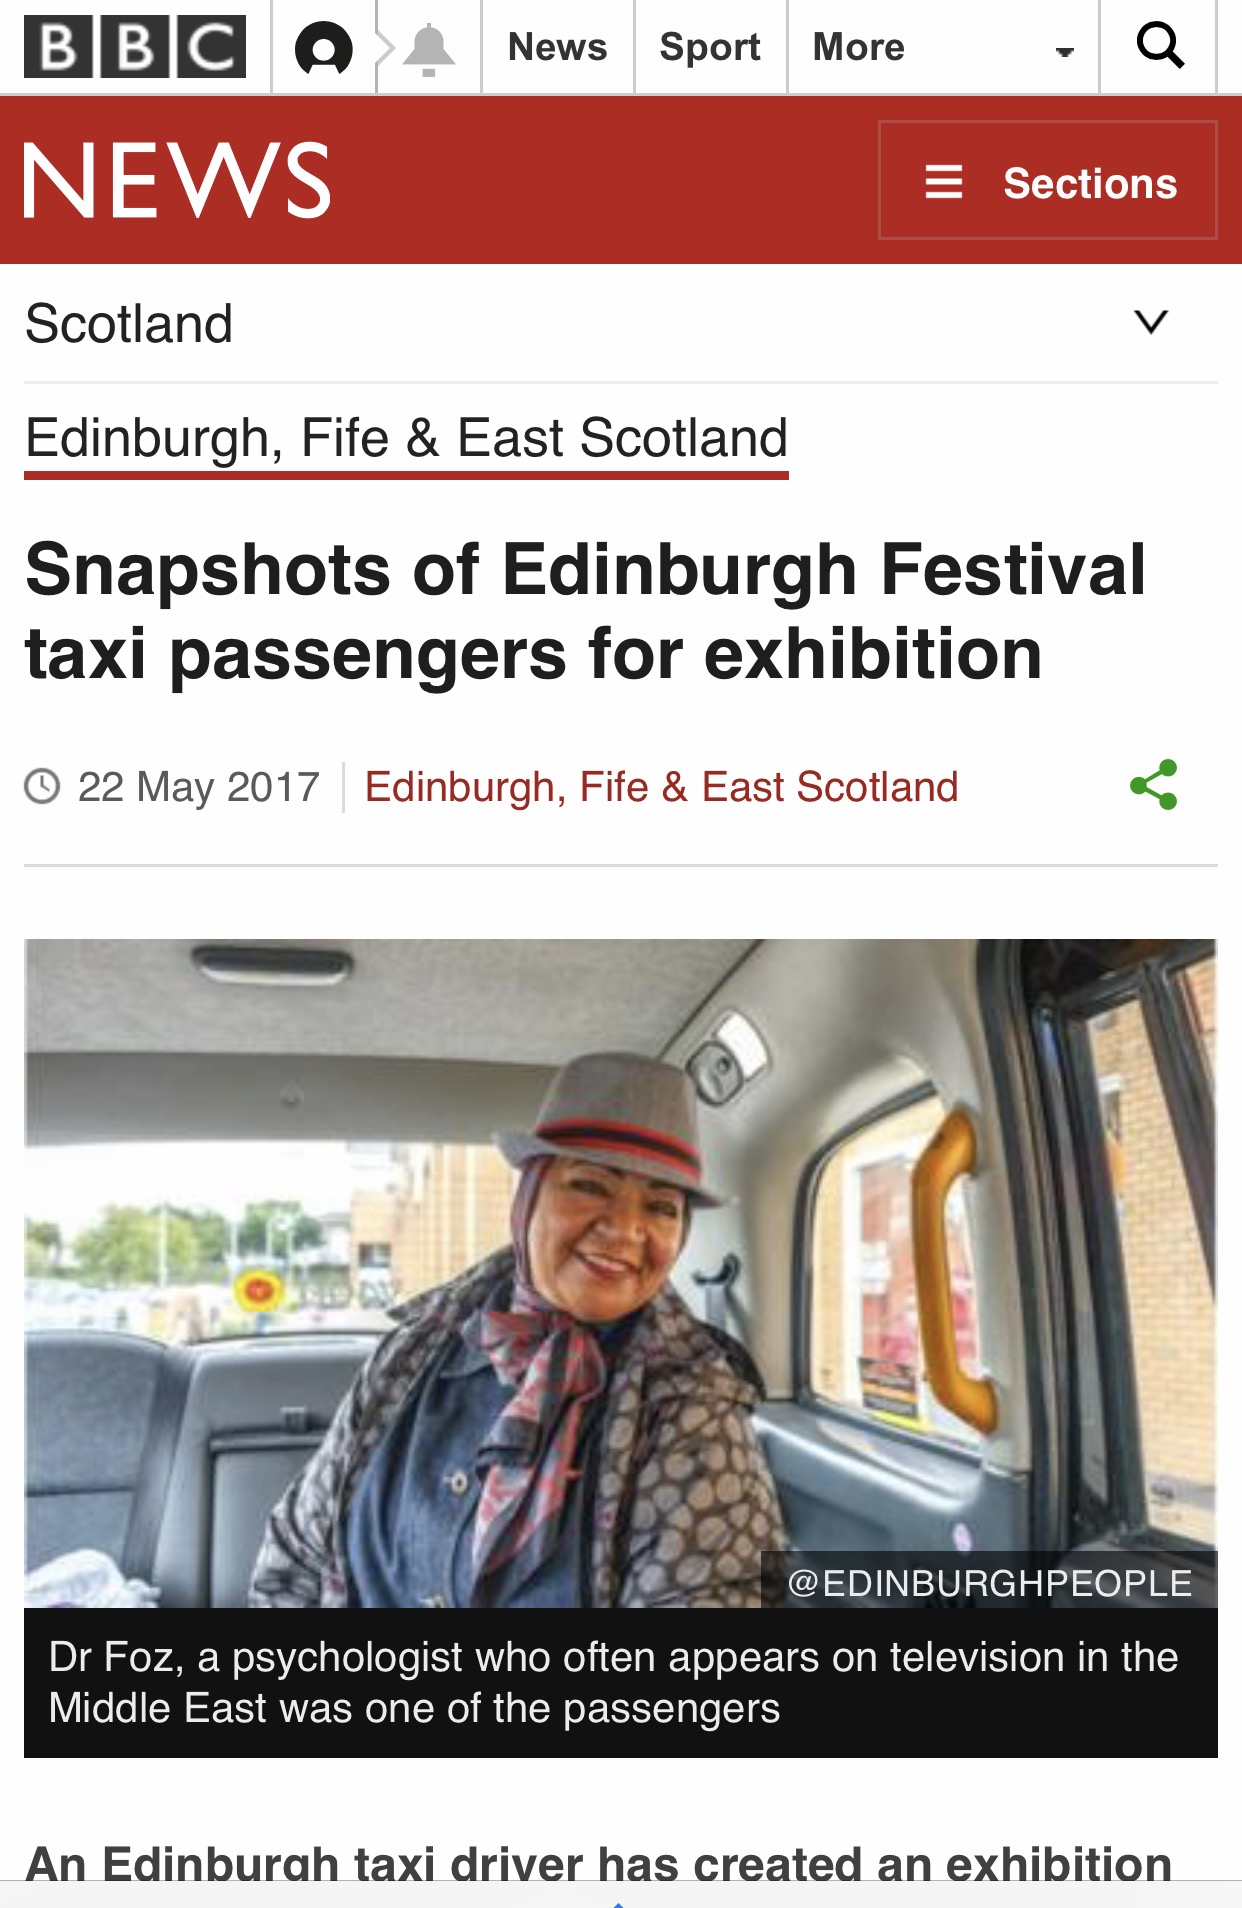 BBC Scotland News Monday 22nd May 2017.